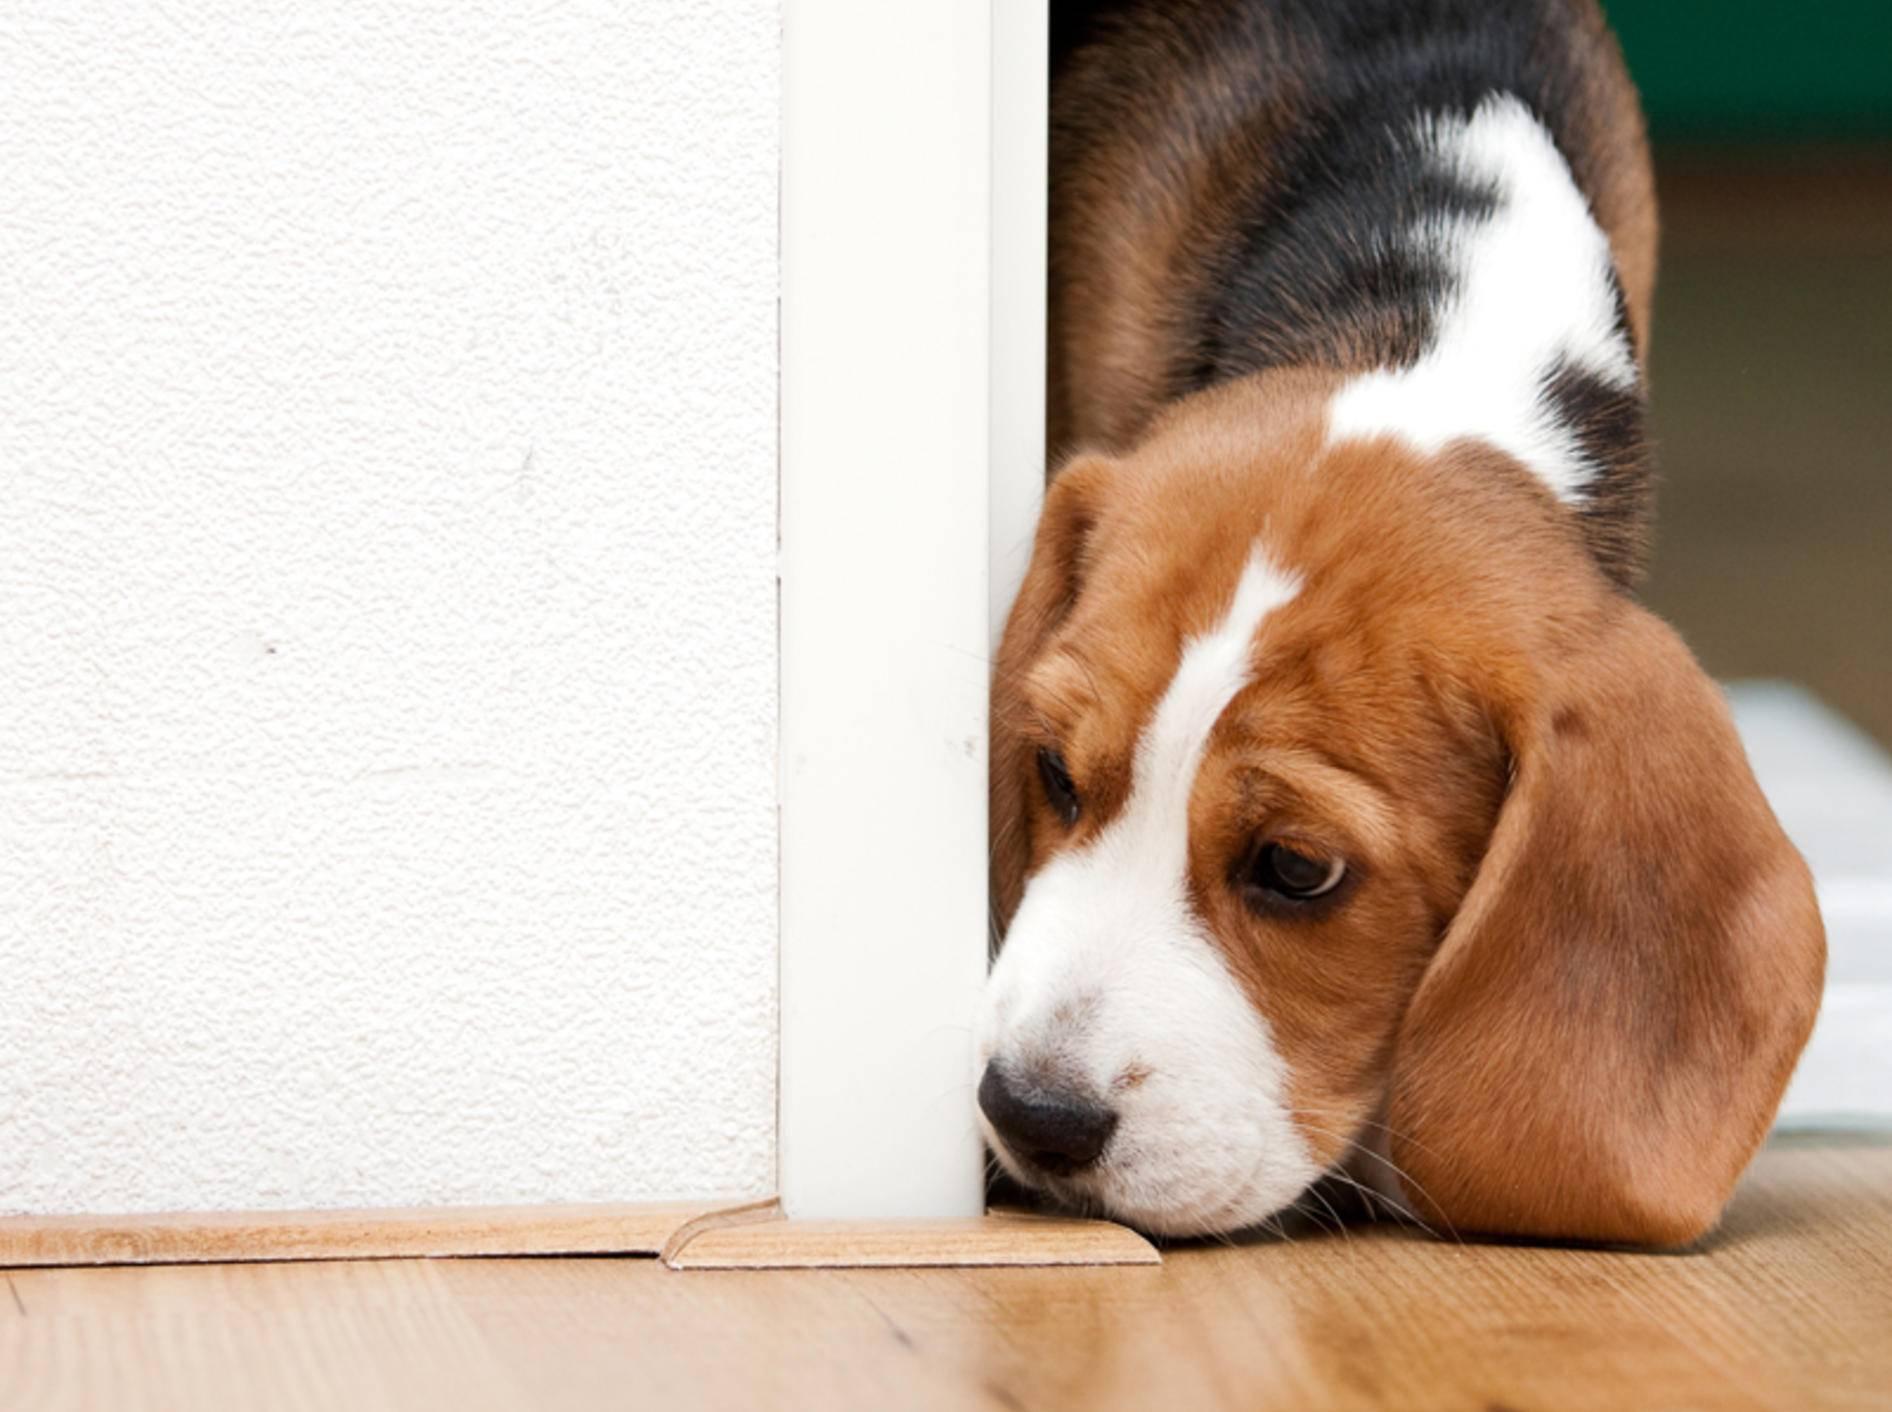 Wer Beagle mag, gilt als neugierig und unbeschwert – Shutterstock / Peter Kirillov